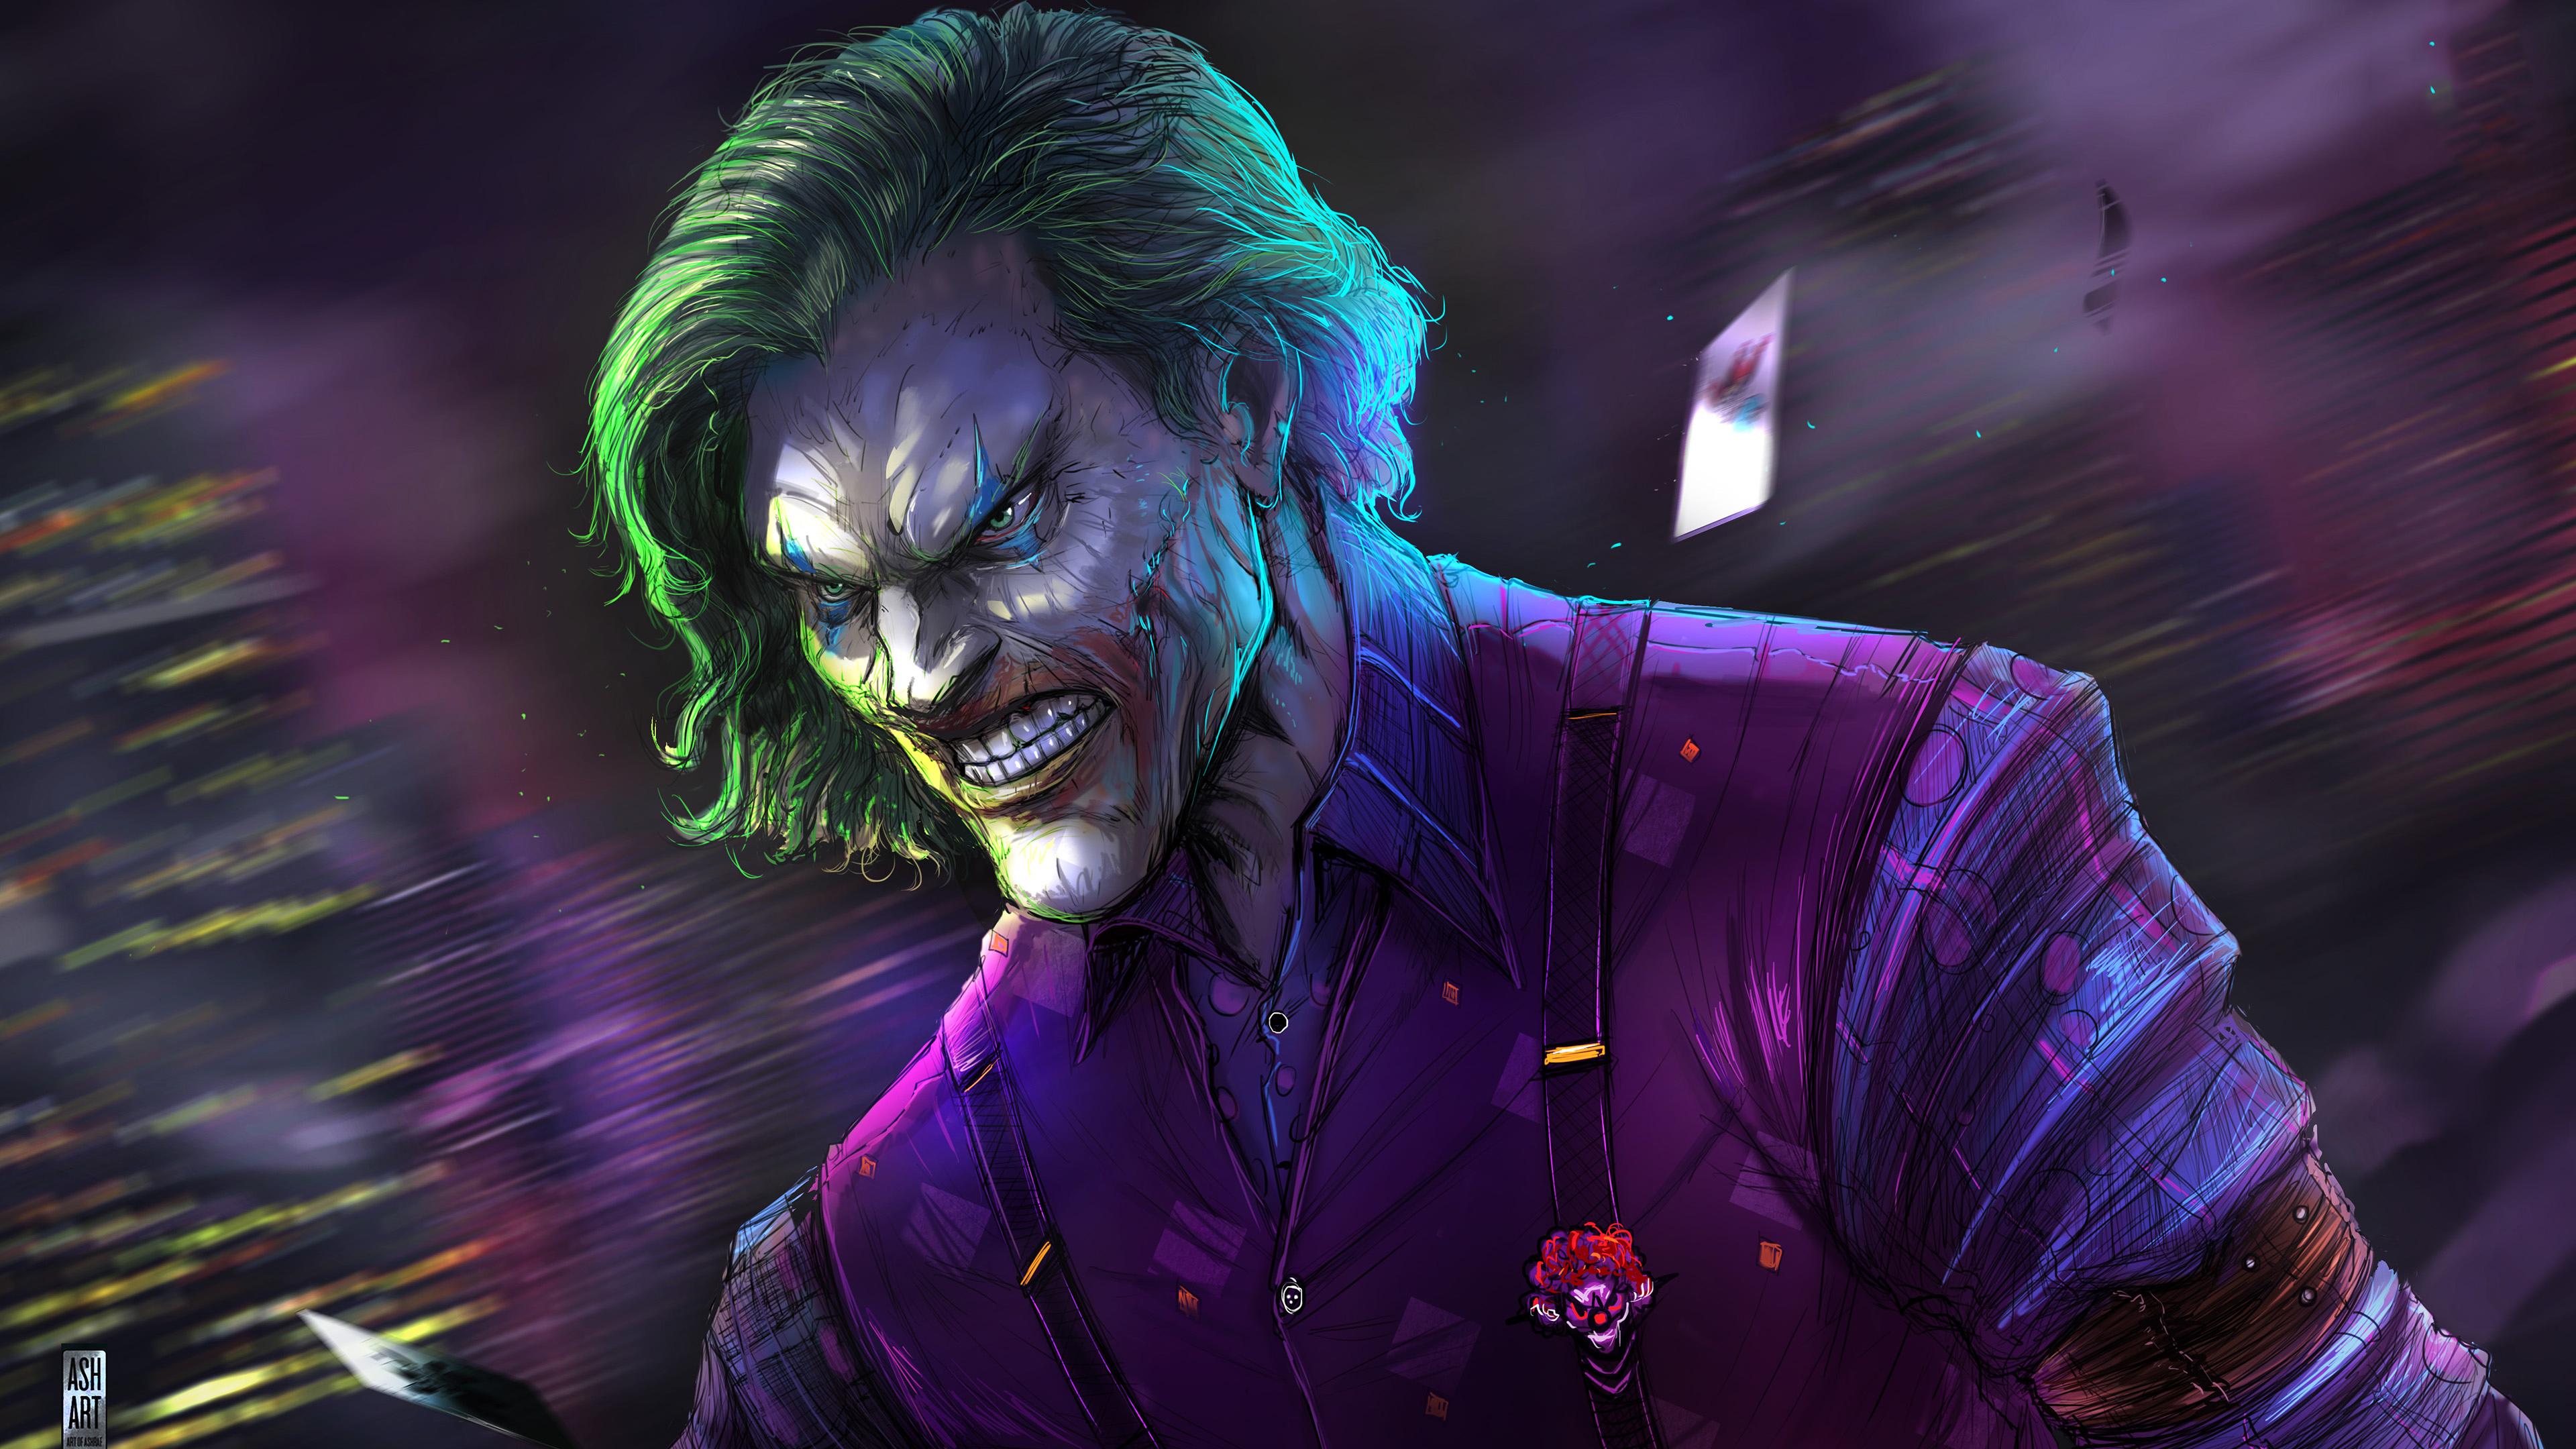 joker artwork 4k 2019 1547319646 - Joker Artwork 4k 2019 - superheroes wallpapers, joker wallpapers, hd-wallpapers, digital art wallpapers, behance wallpapers, artwork wallpapers, artist wallpapers, 4k-wallpapers